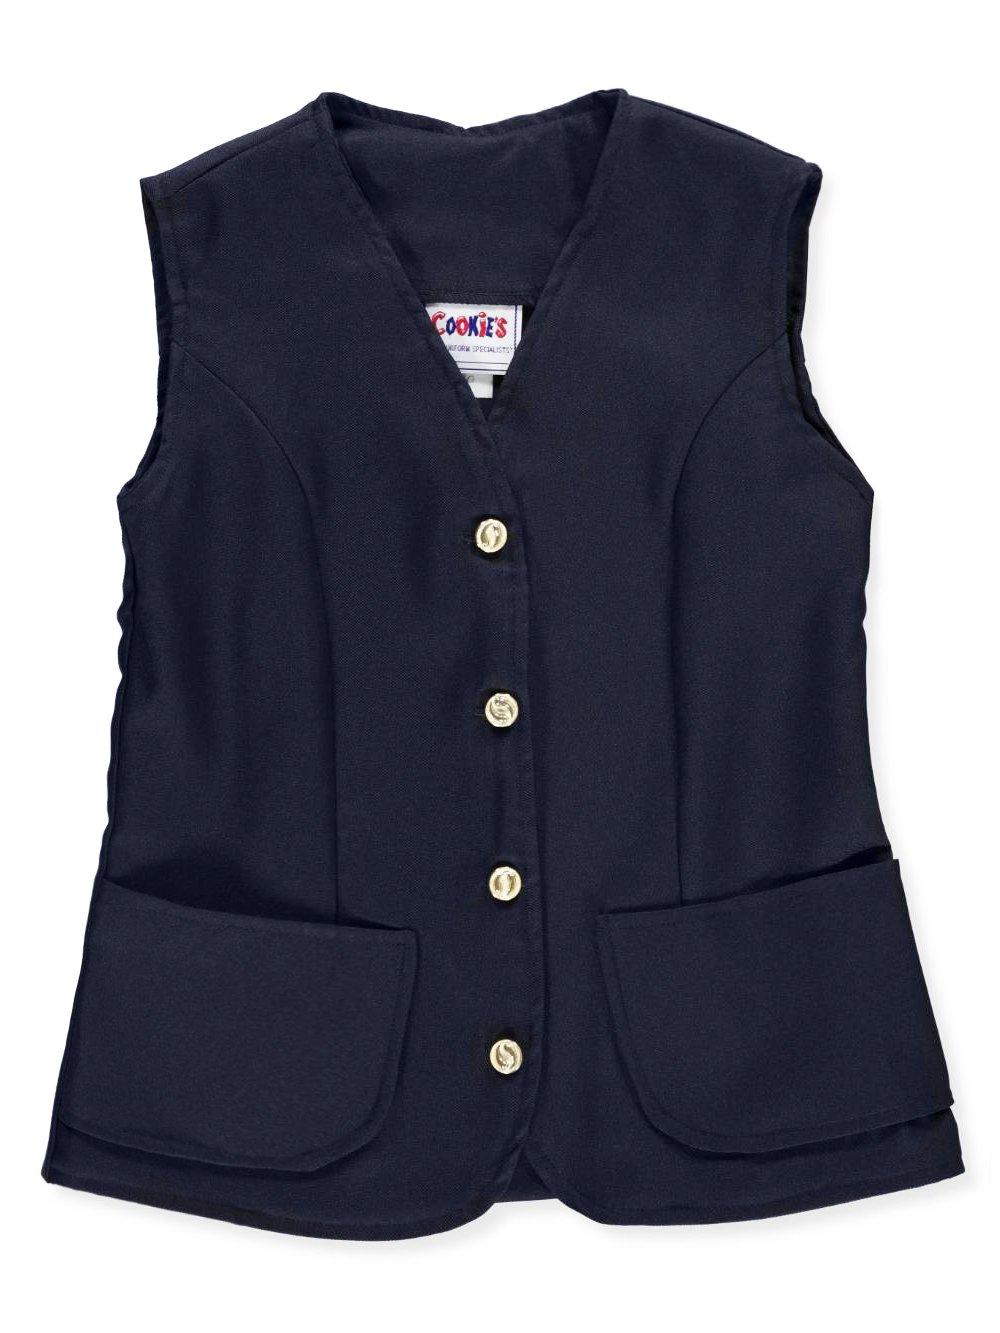 Cookie's Brand Big Girls' Vest - navy, 8